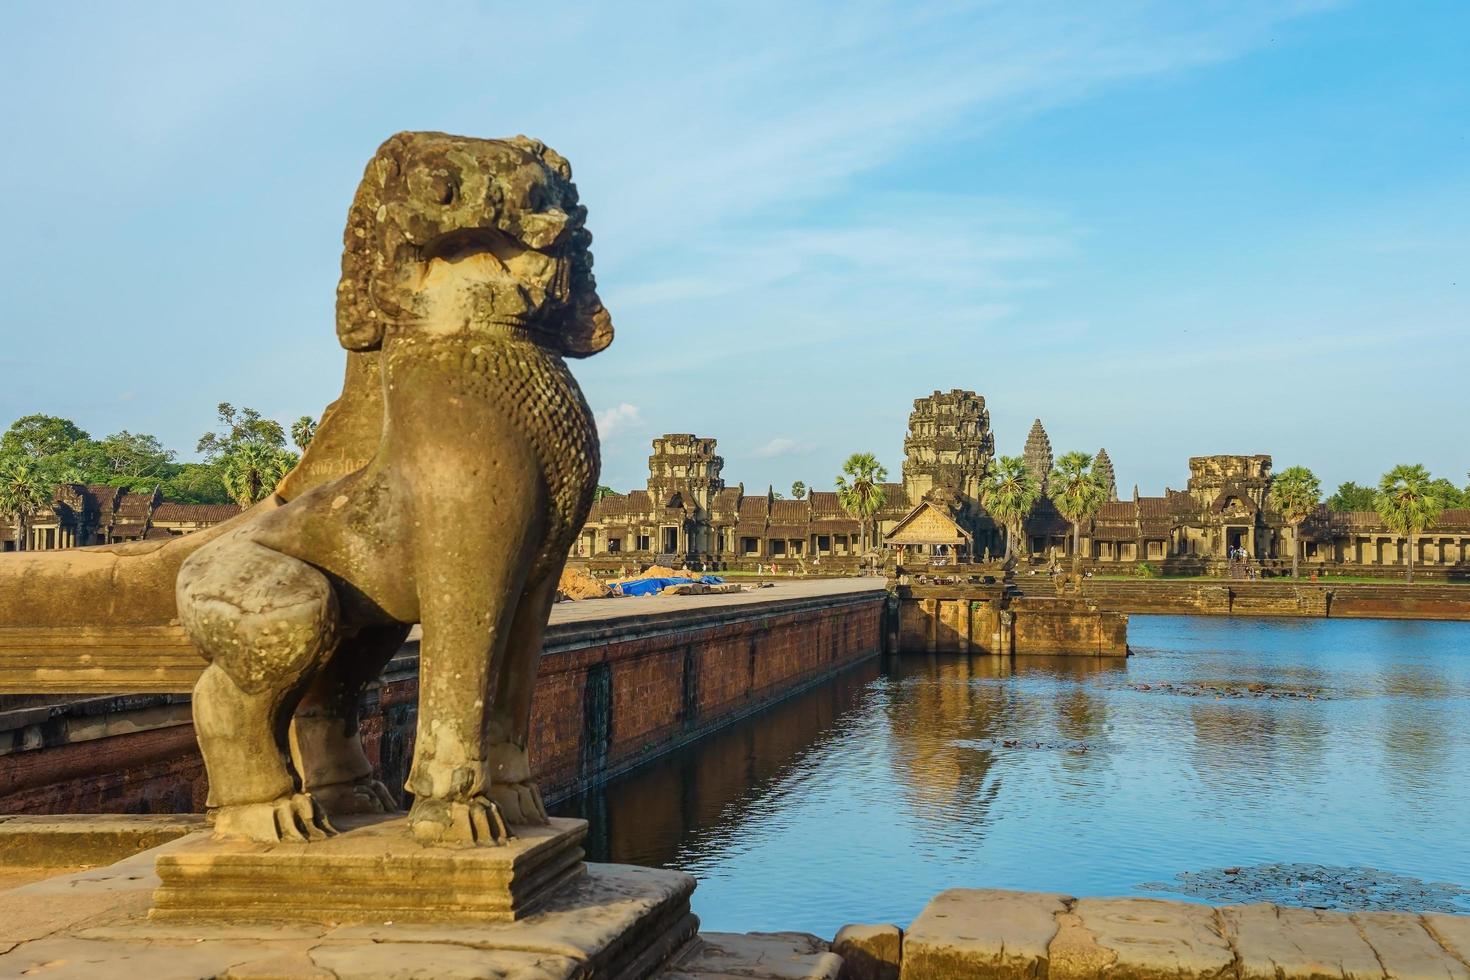 antico tempio di angkor wat dall'altra parte del lago, siem reap, cambogia foto